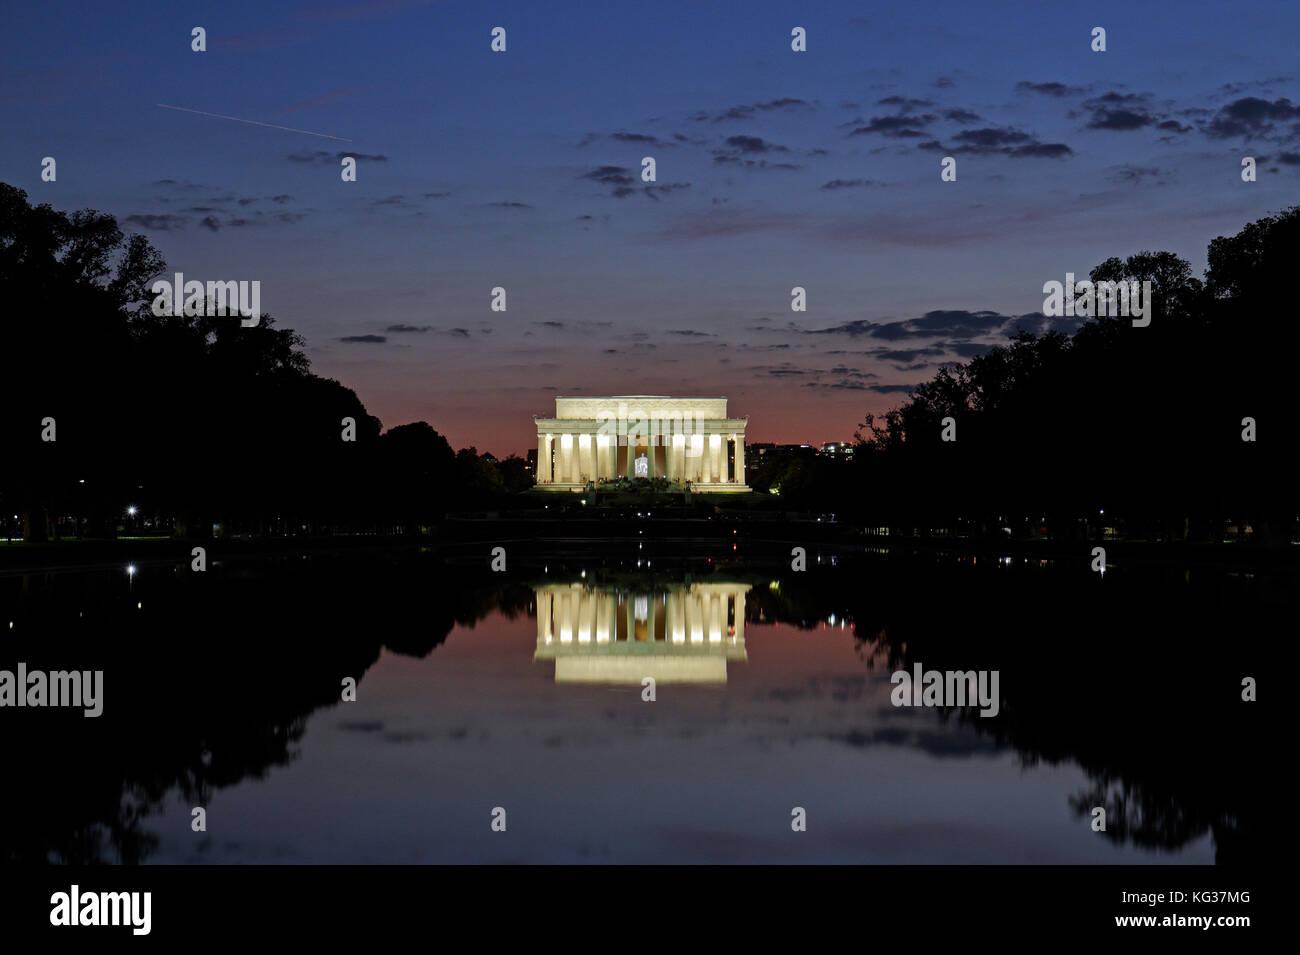 Coucher du soleil sur le miroir d'eau et du Lincoln Memorial, Washington DC, États-Unis d'Amérique. Banque D'Images